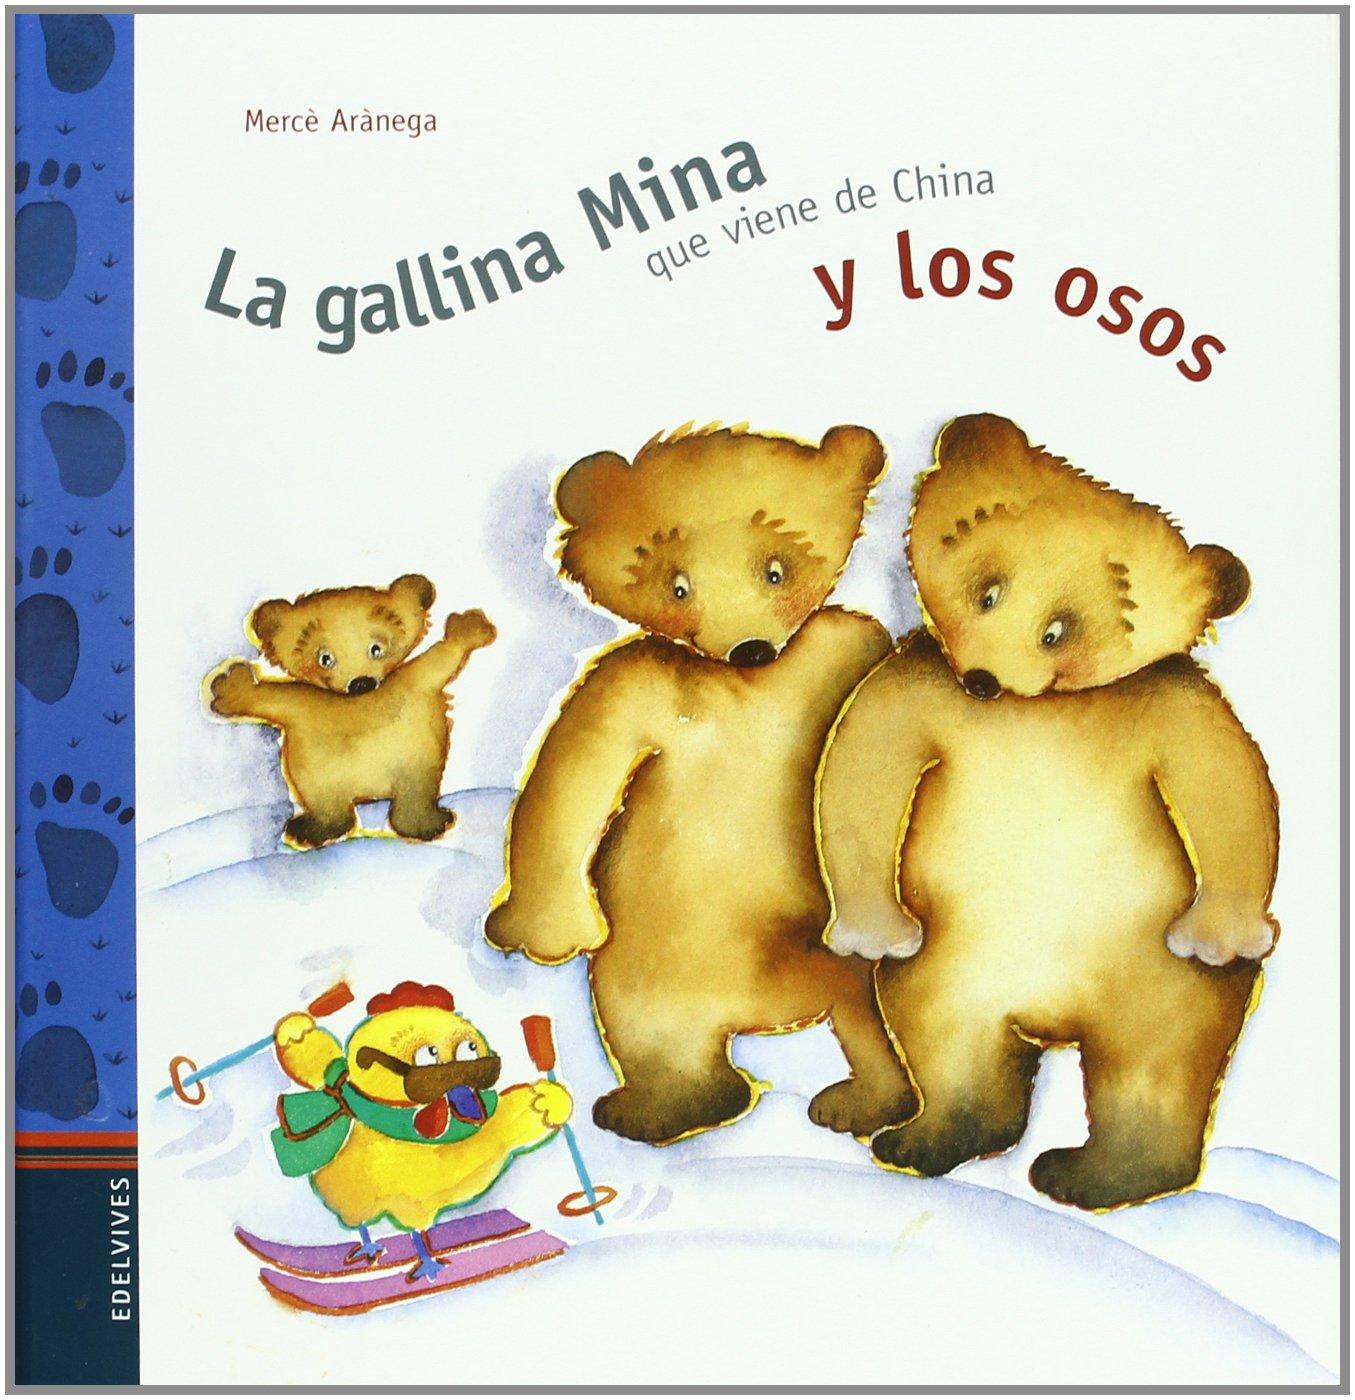 La gallina Mina que viene de China y los osos (Spanish) Hardcover – January 1, 1900